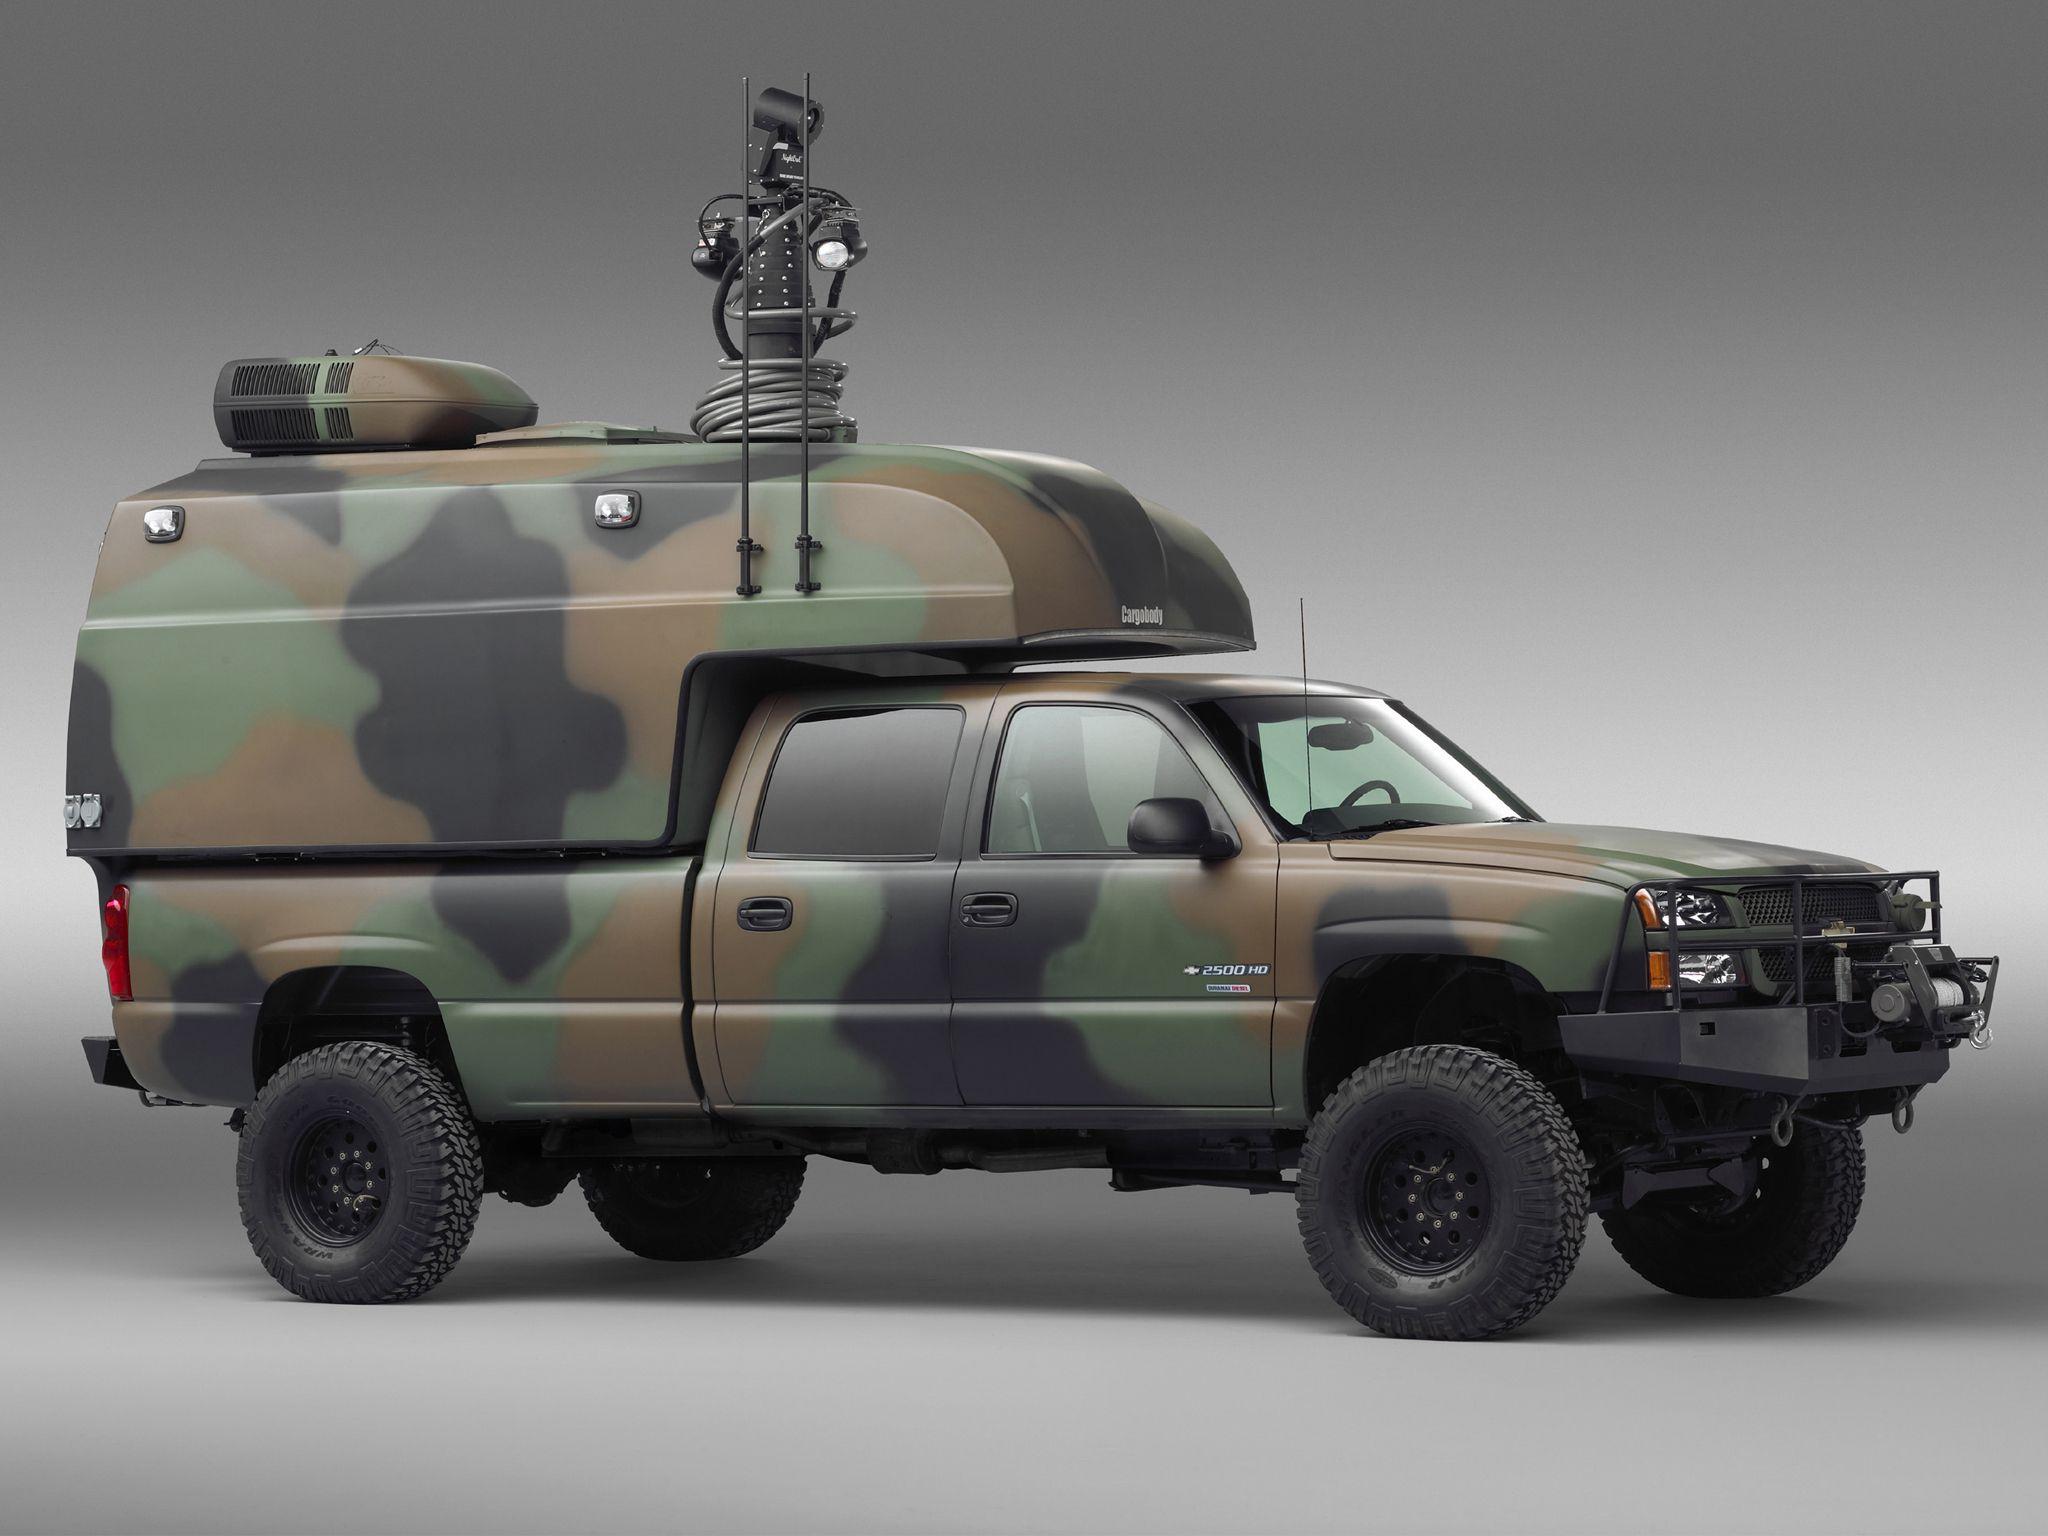 Chevy Silverado 2500 Camouflage Diesel Trucks Muddy Trucks